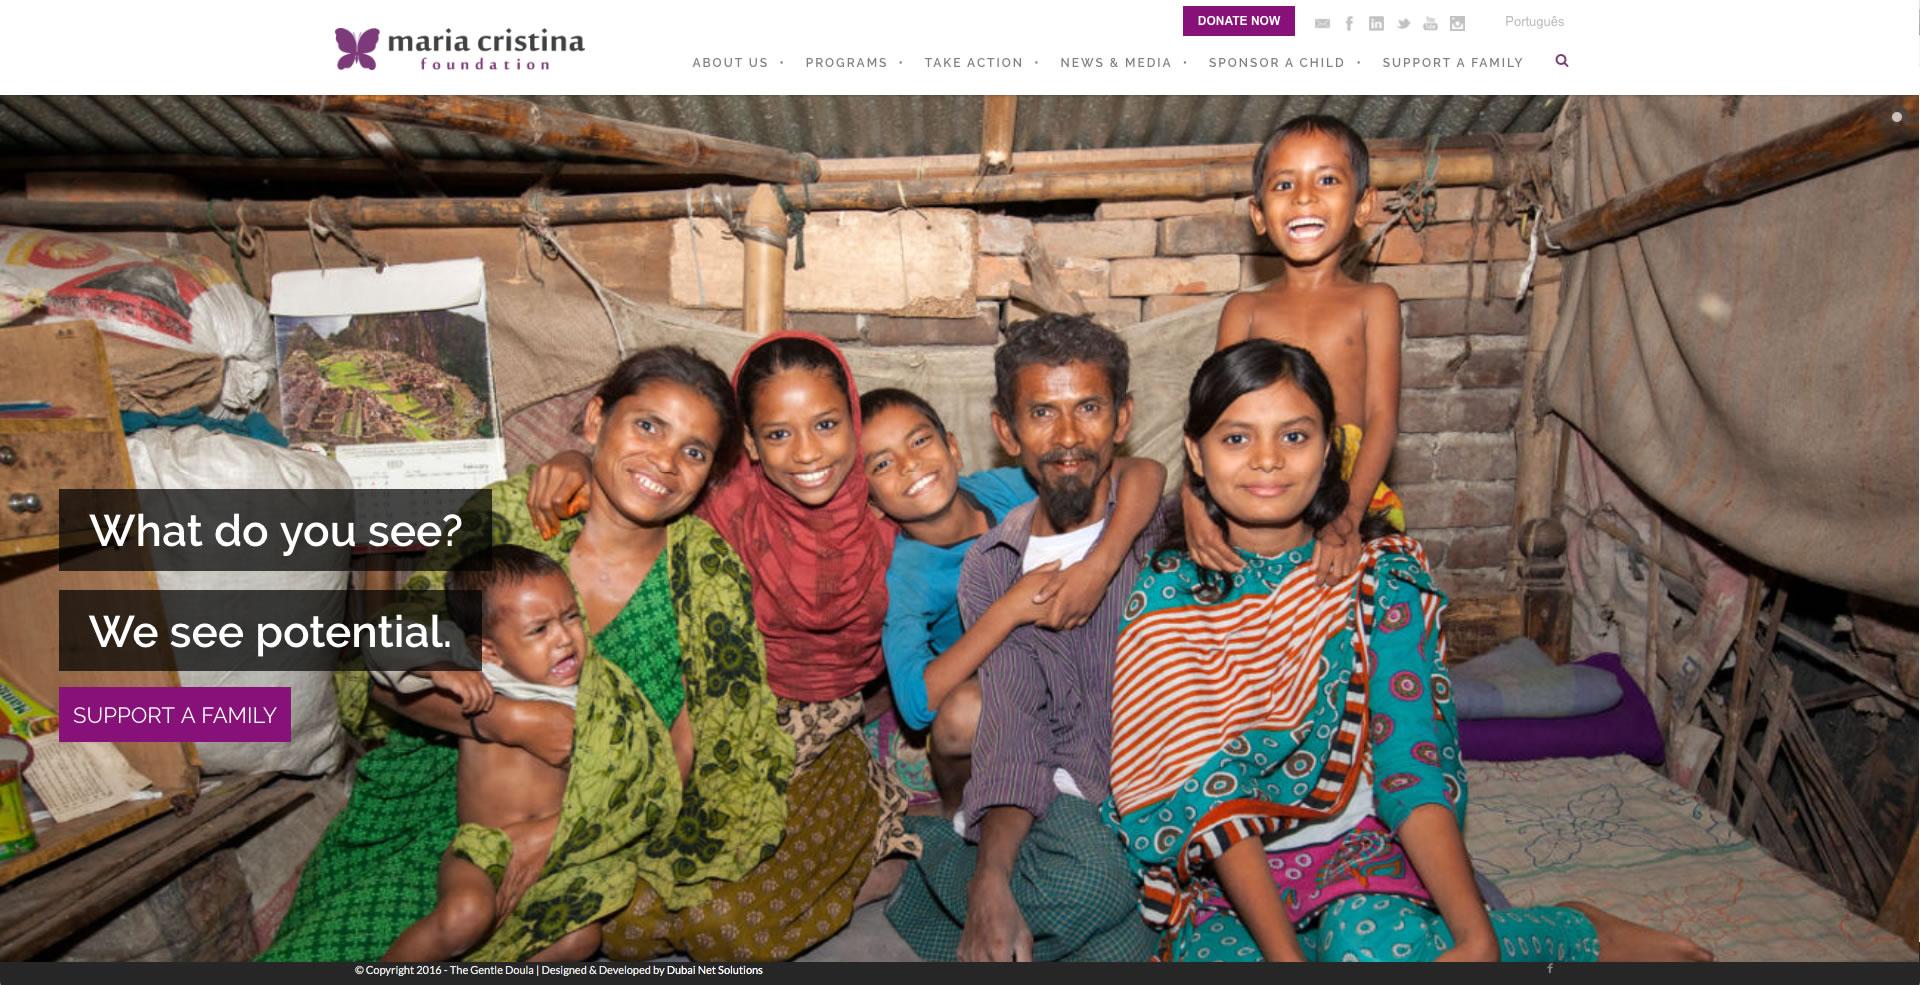 mariacristinafoundation - Maria Cristina Foundation